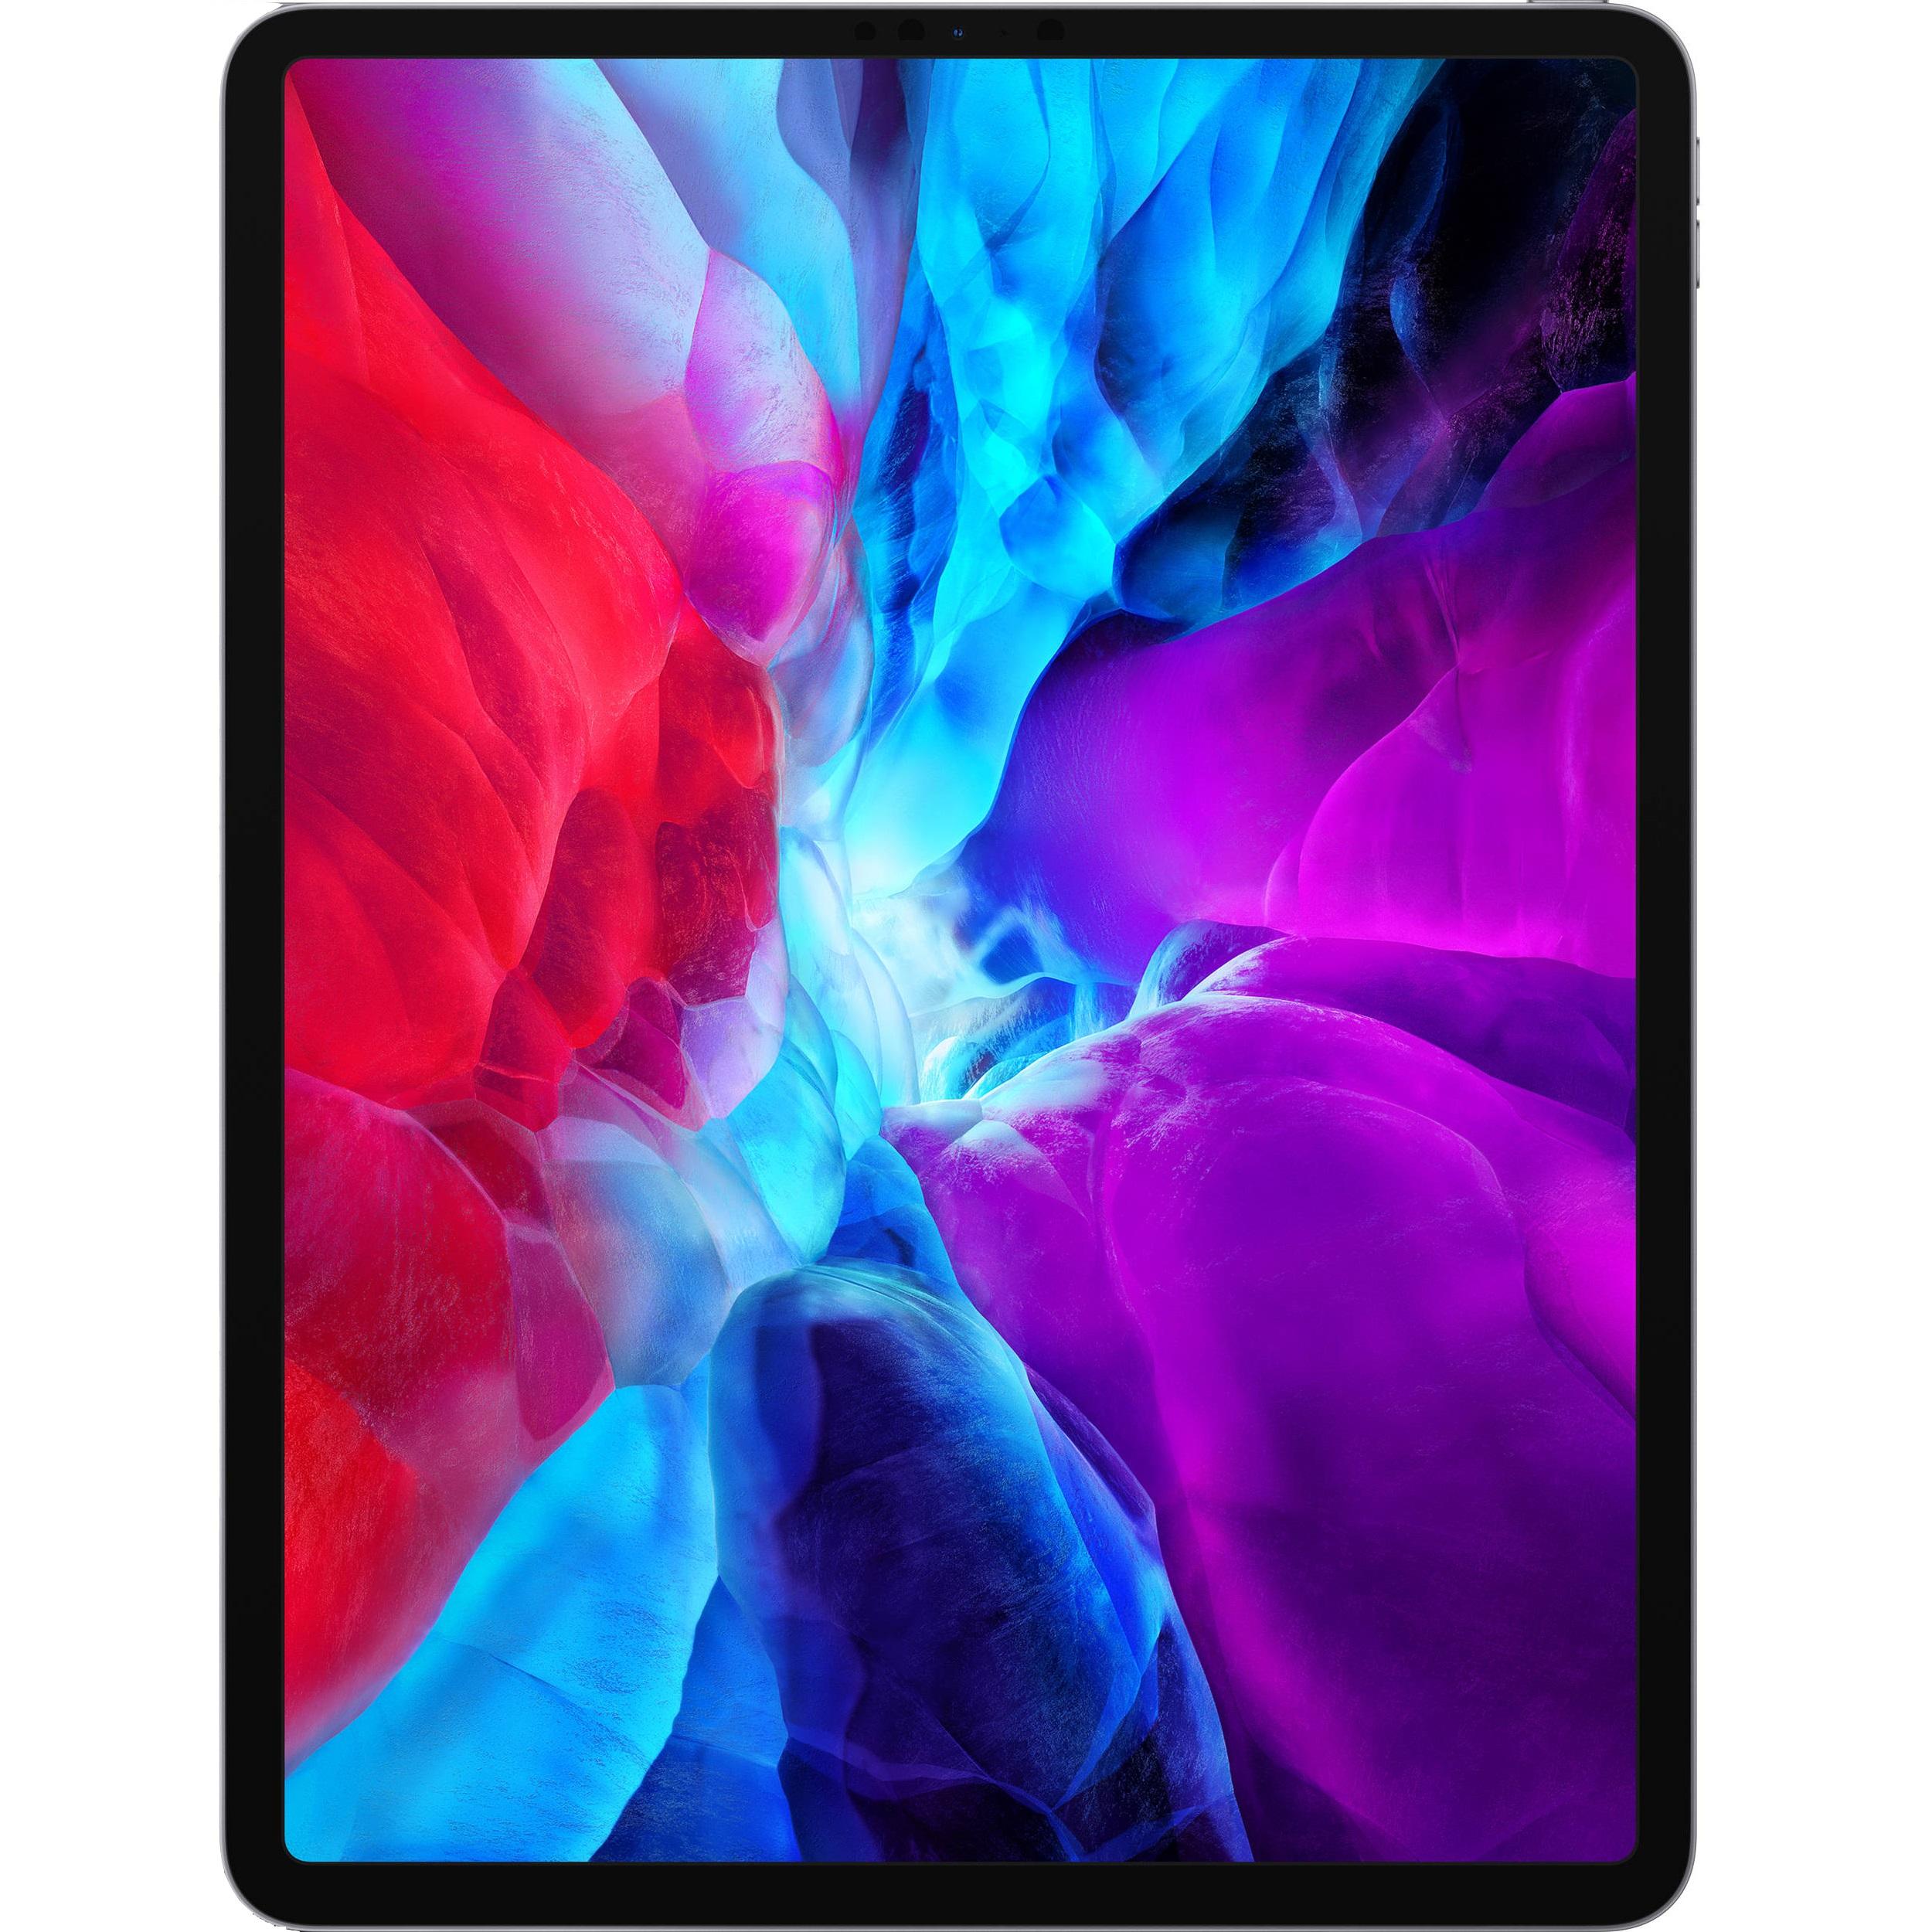 خرید ارزان تبلت اپل مدل iPad Pro 2020 12.9 inch 4G ظرفیت 1 ترابایت